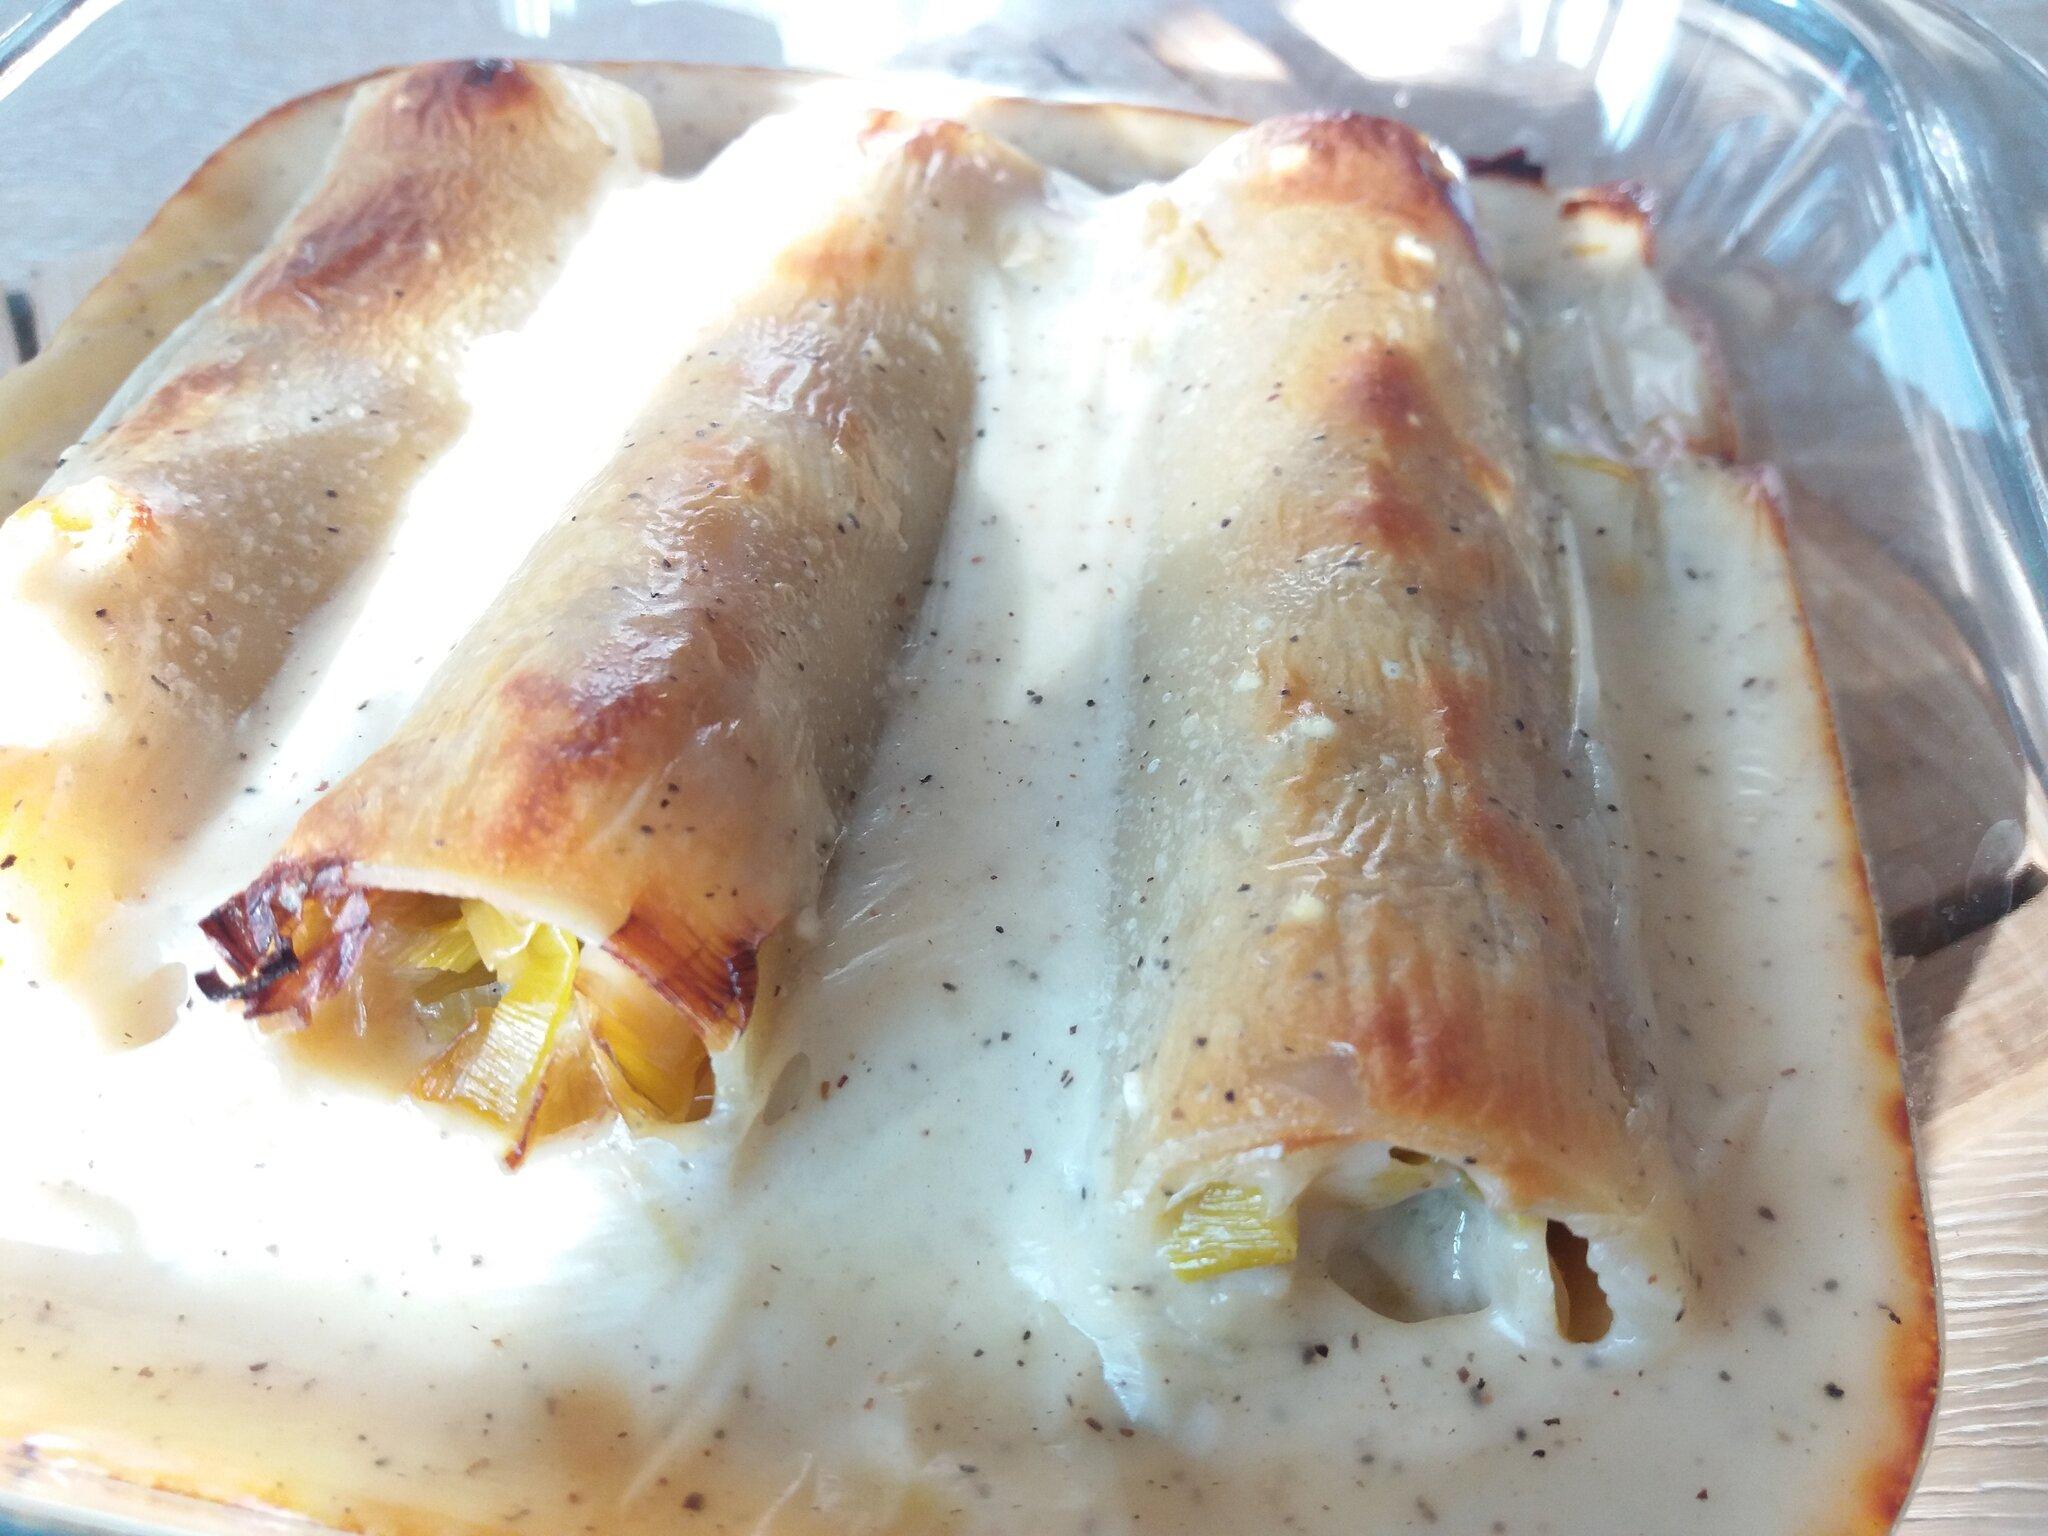 Déclinaison végétarienne de cannelloni avec poireau et comté